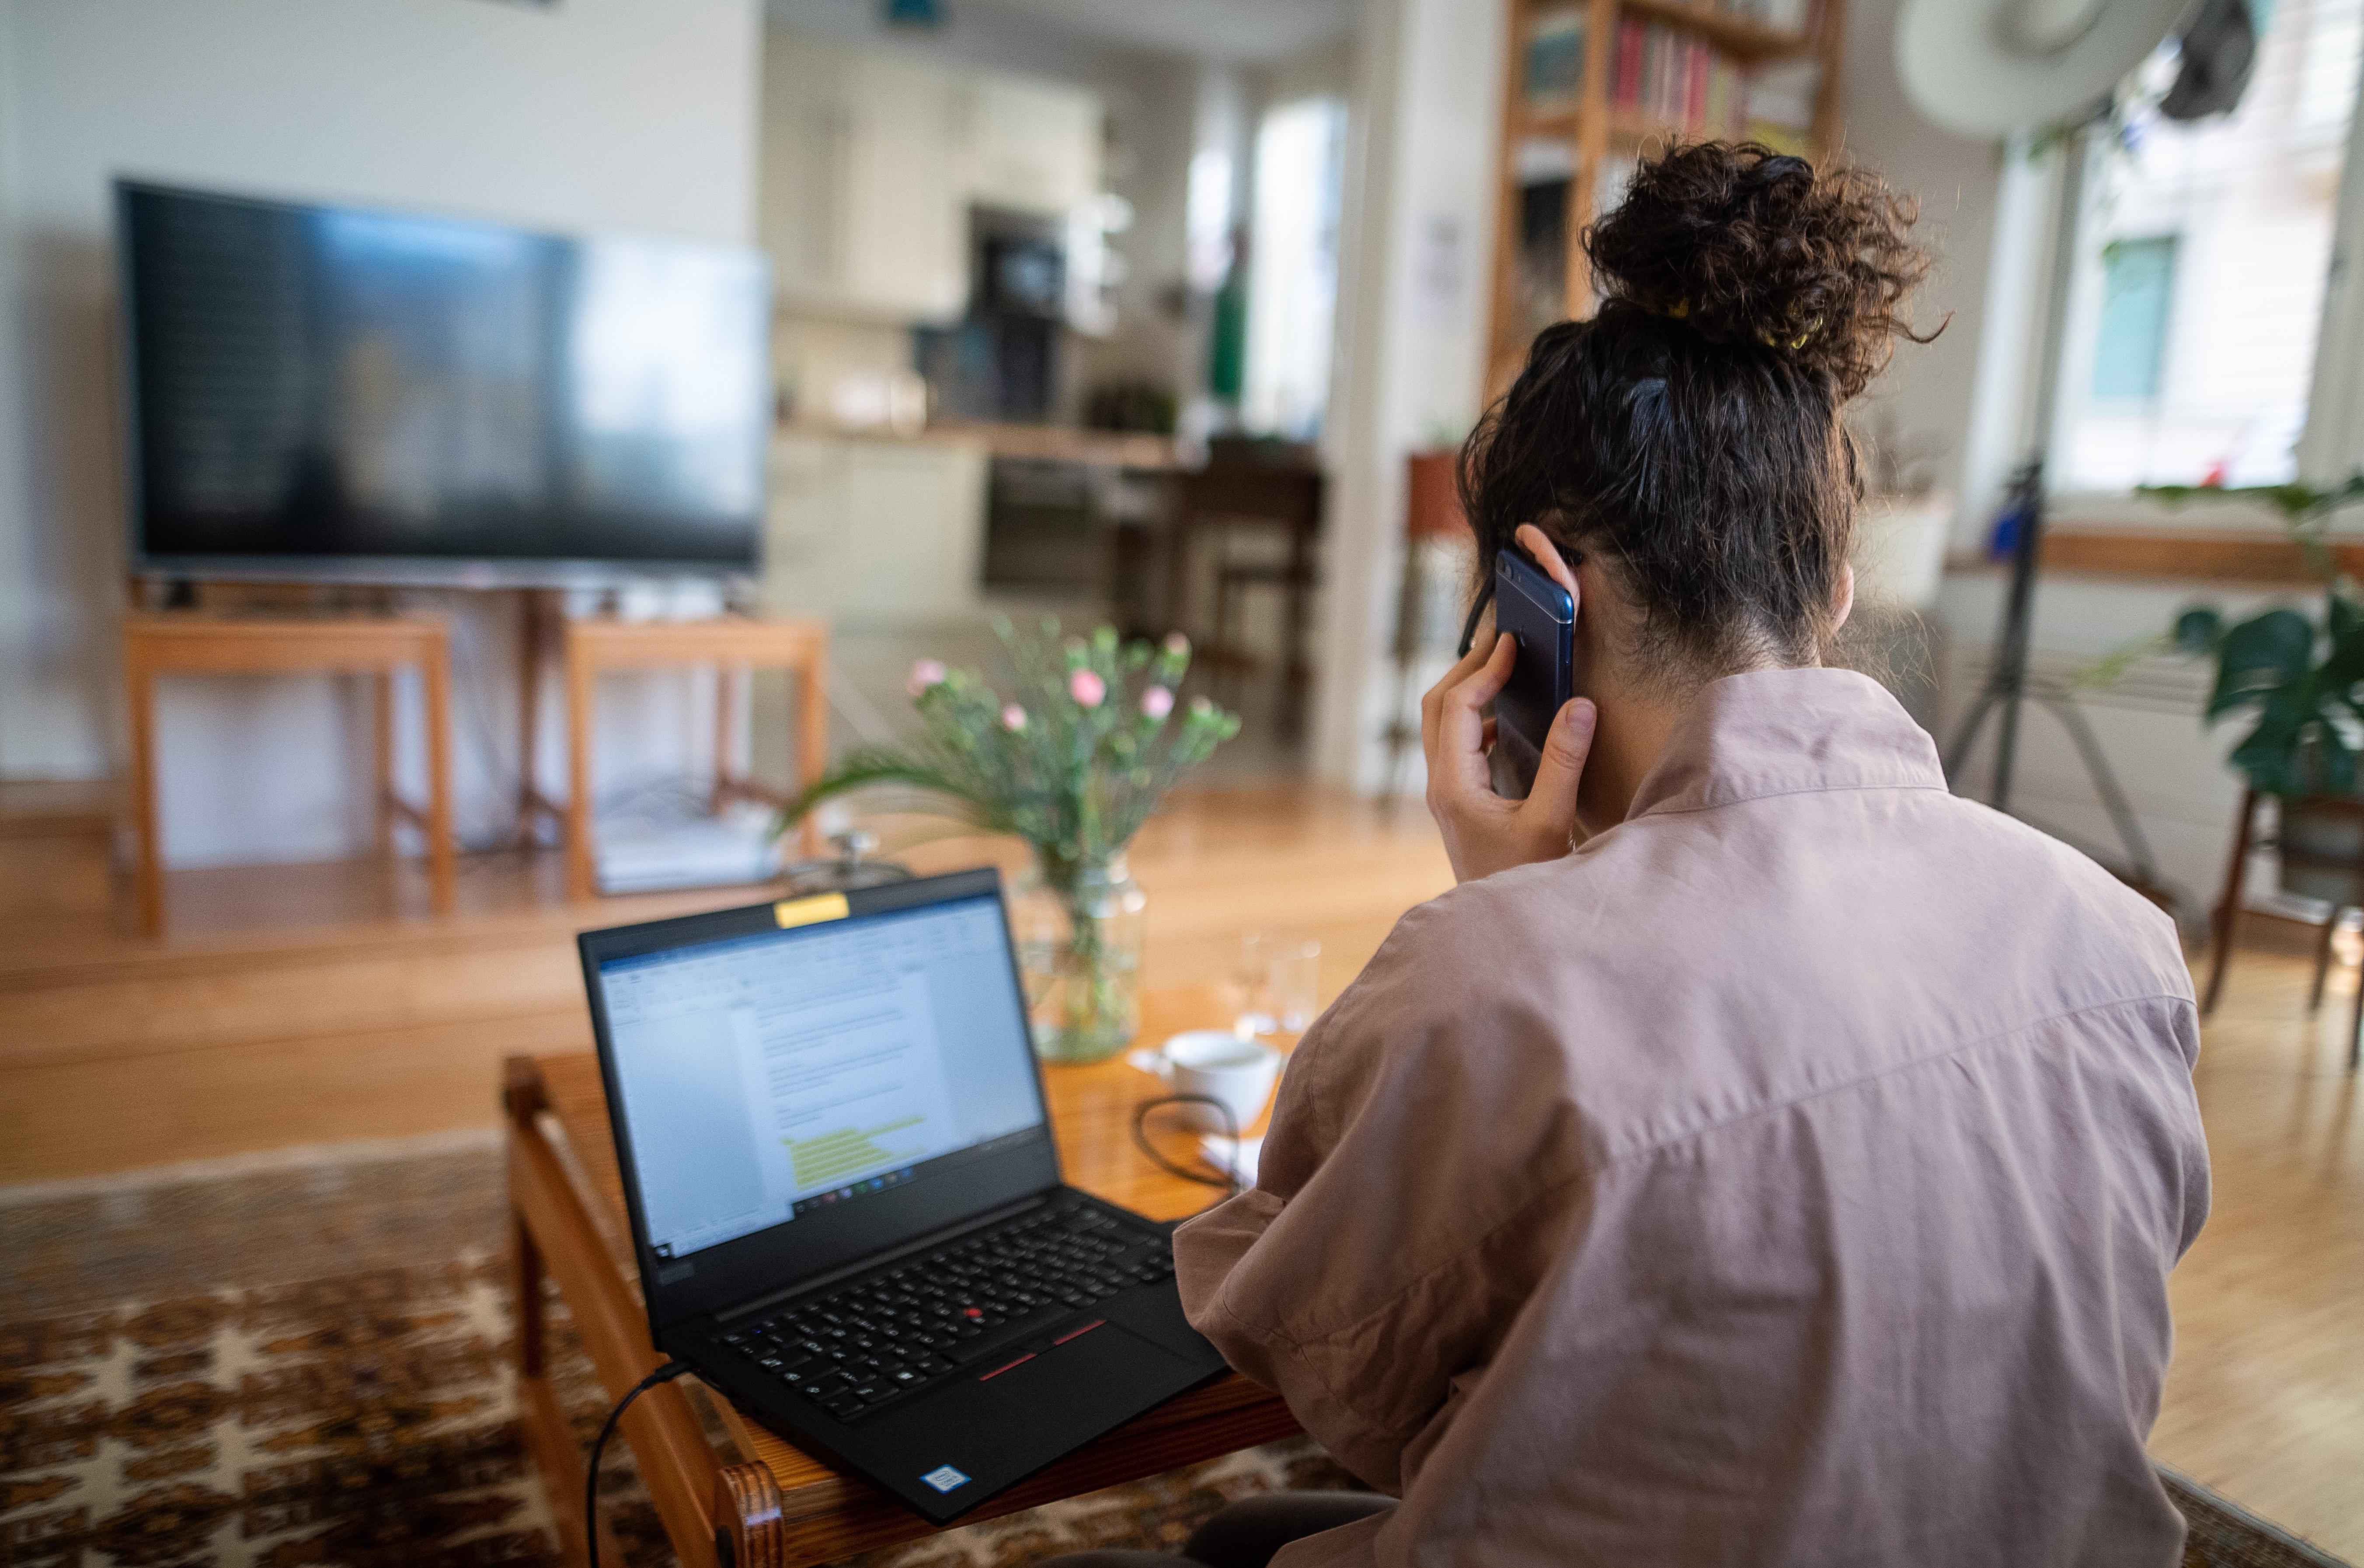 Wer im Homeoffice arbeitet, nutzt in vielen Fällen (auch) den privaten Laptop.